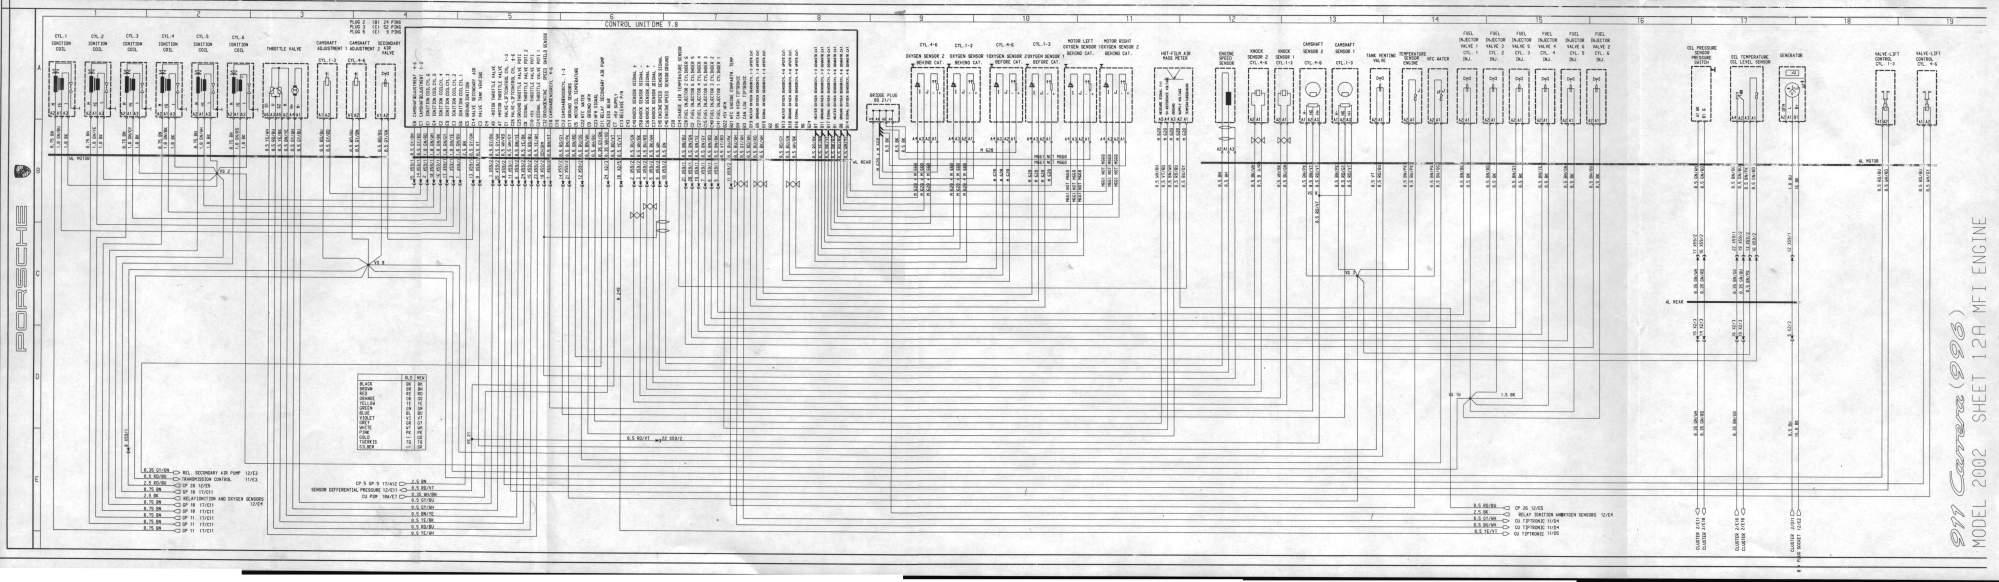 hight resolution of porsche cayenne wiring diagram porsche free engine image for user